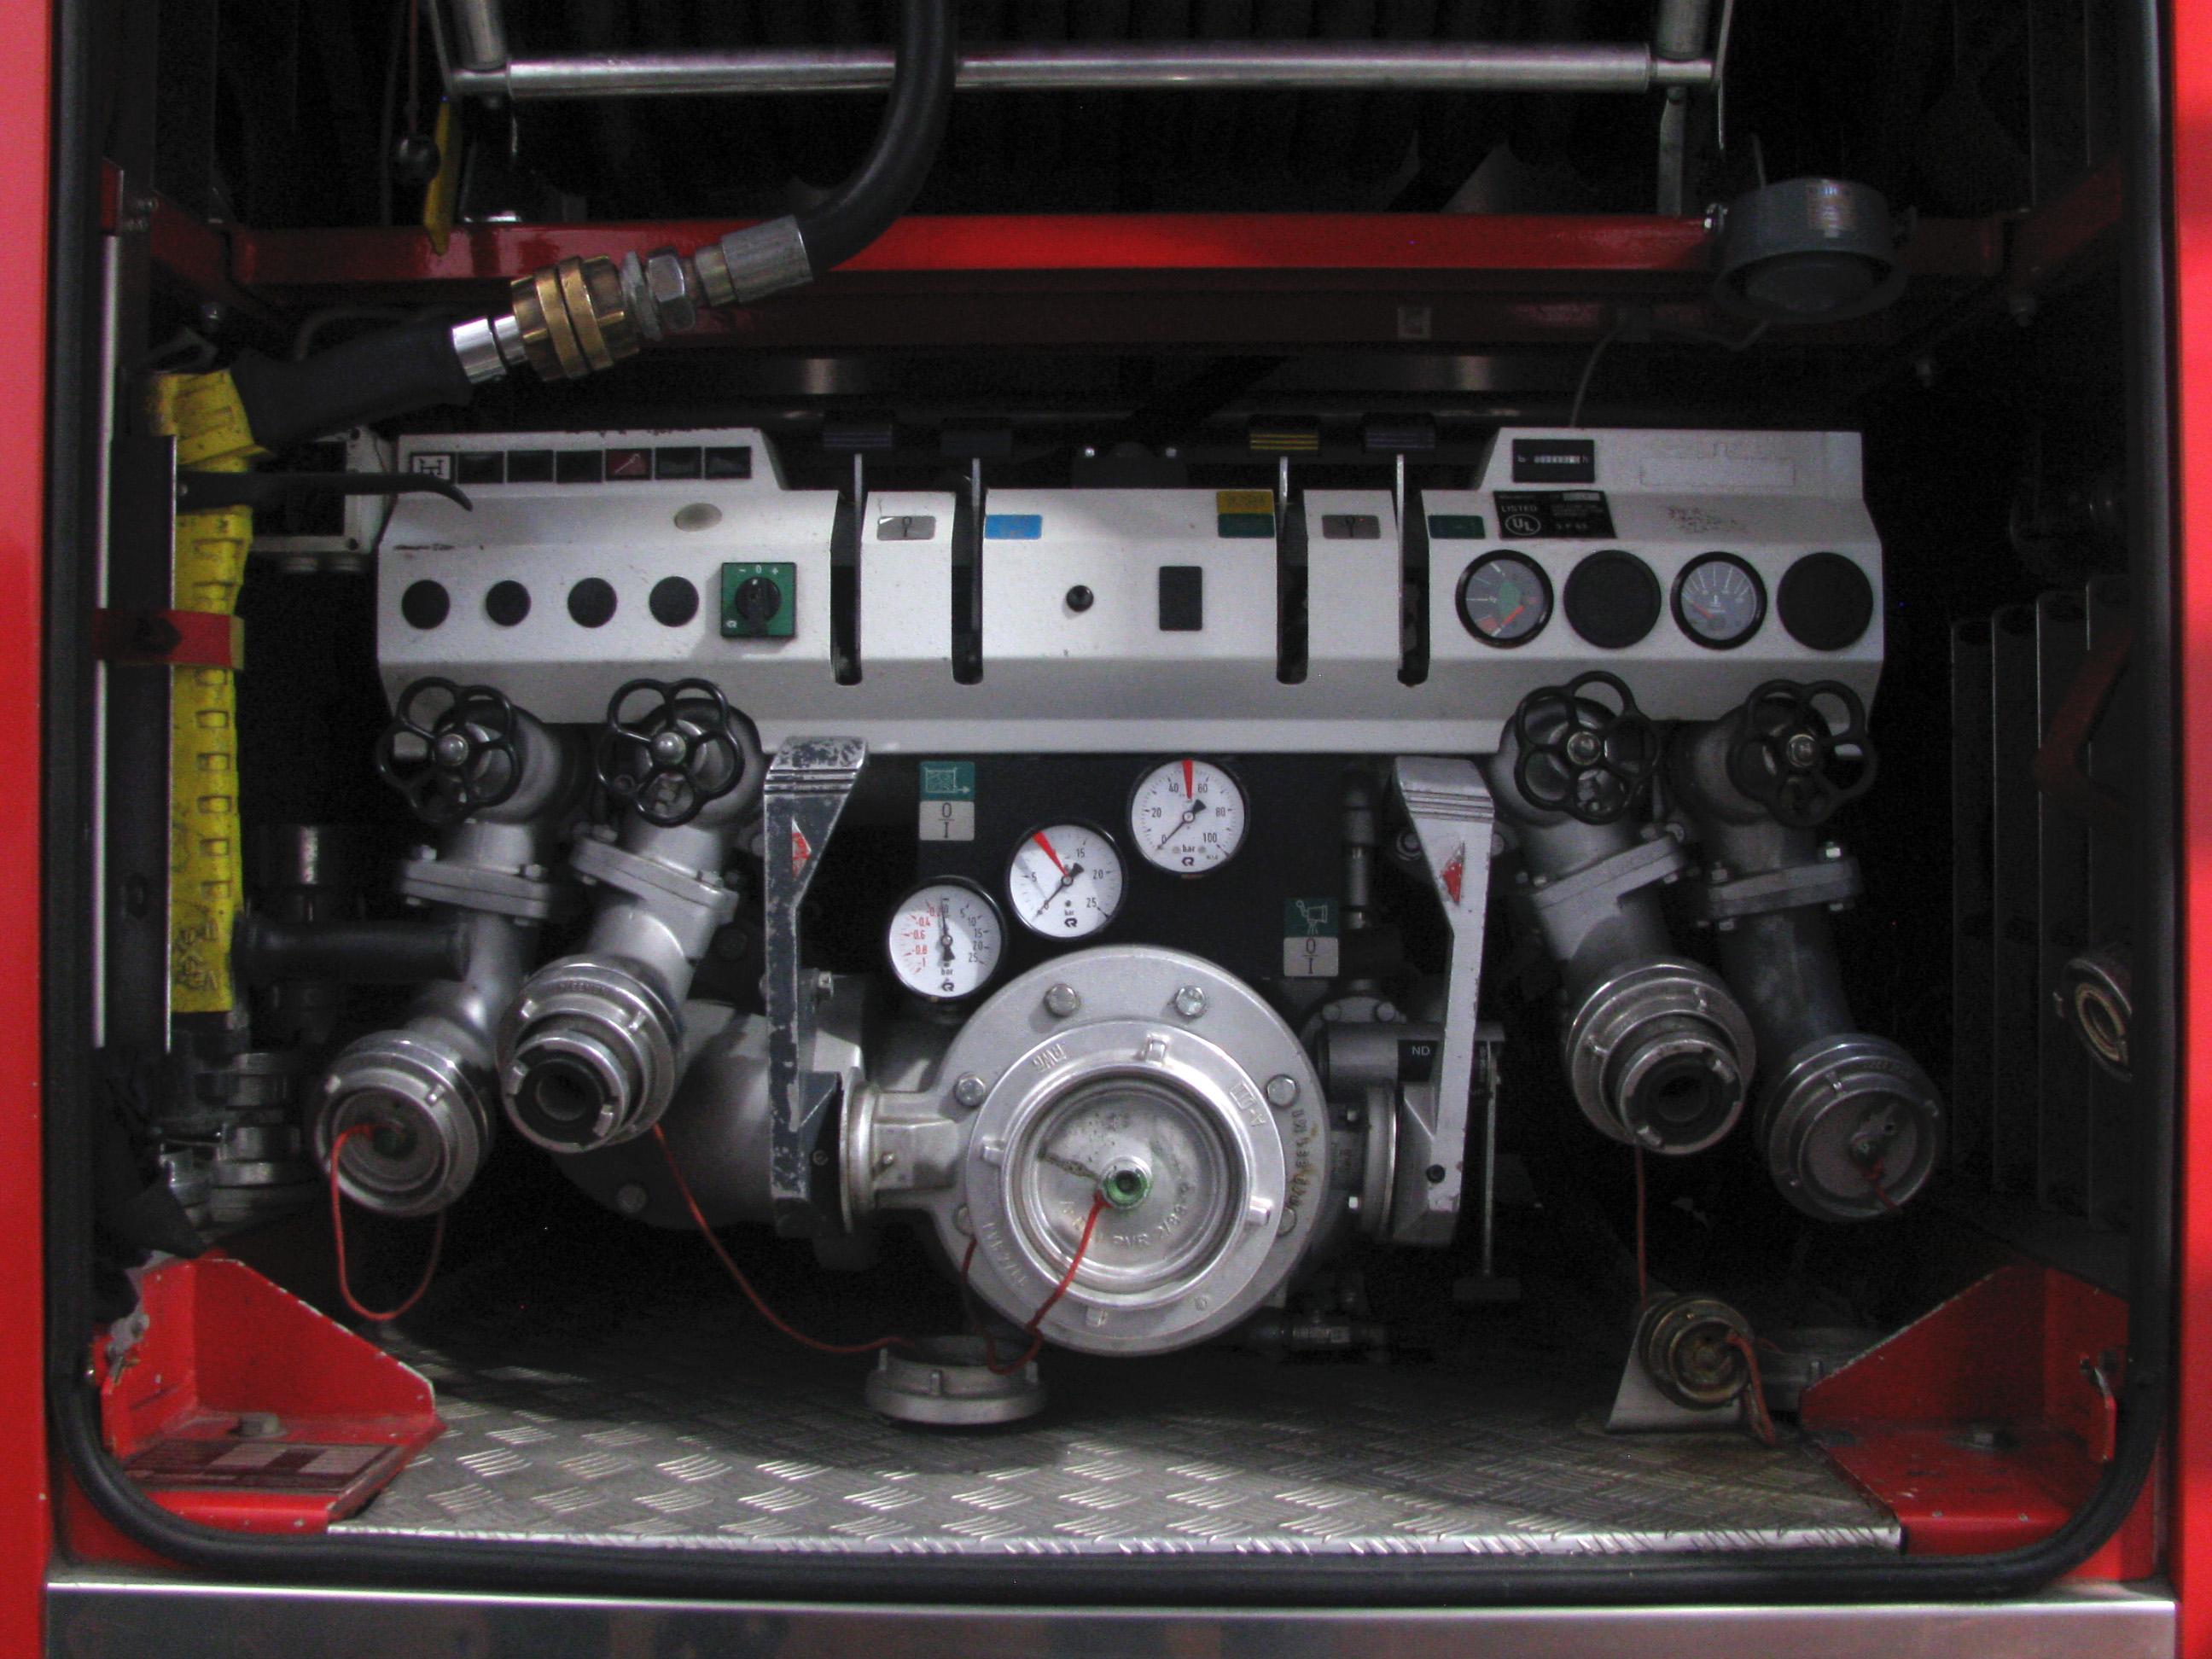 File:A high-pressure water pump in a Rosenbauer truck (1